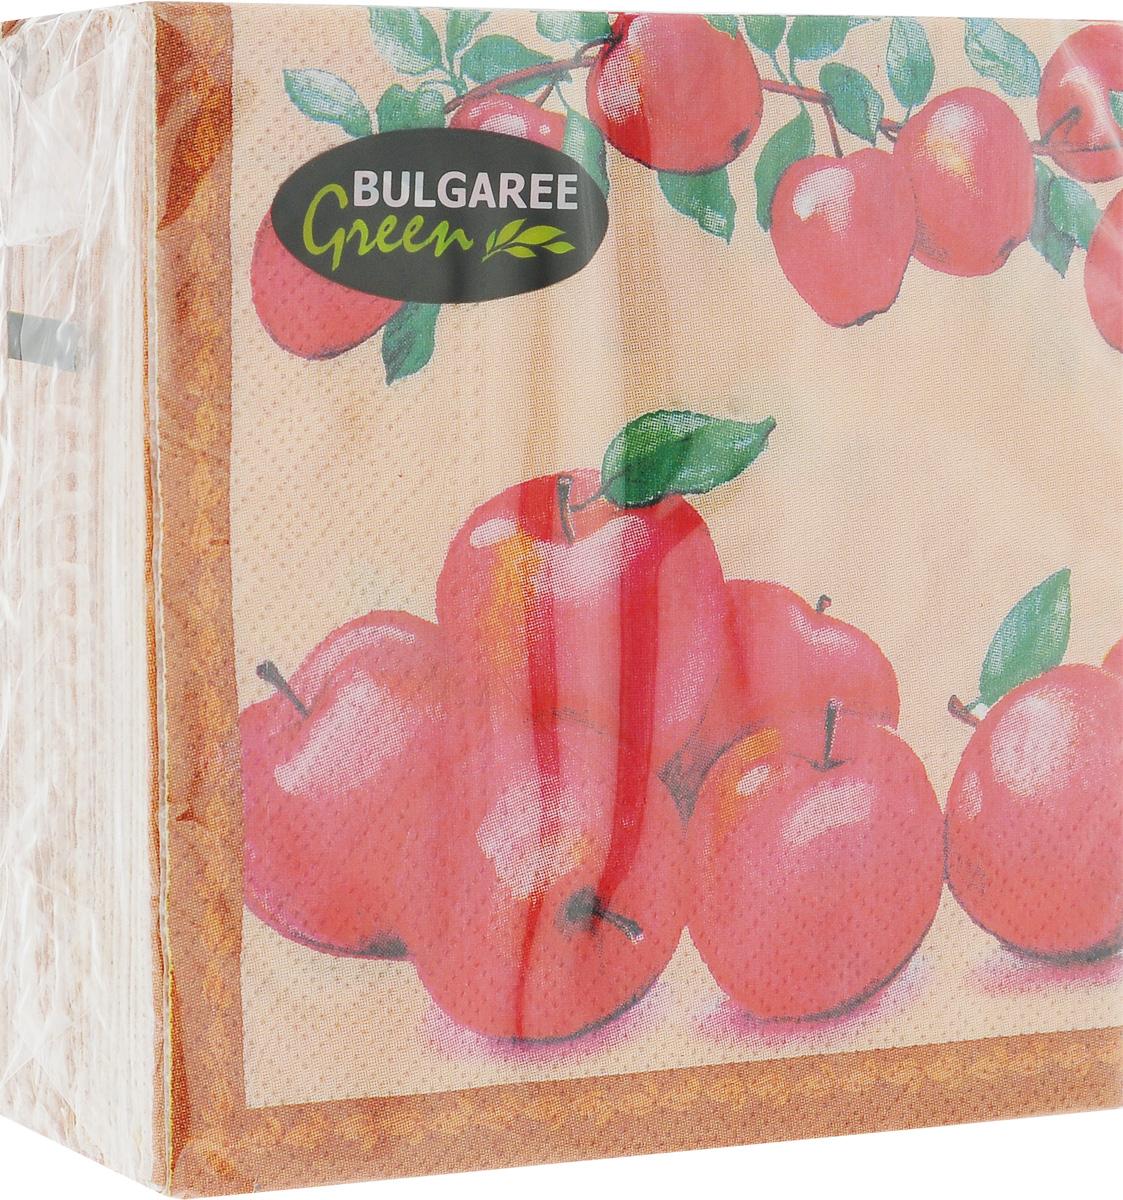 Салфетки бумажные Bulgaree Green Наливные яблочки, двухслойные, 24 х 24 см, 50 шт19201Декоративные двухслойные салфетки Bulgaree Green Наливные яблочки выполнены из 100%целлюлозы европейского качества и оформлены ярким рисунком. Изделия станут отличным дополнением любого праздничного стола. Они отличаются необычной мягкостью, прочностью и оригинальностью.Размер салфеток в развернутом виде: 24 х 24 см.